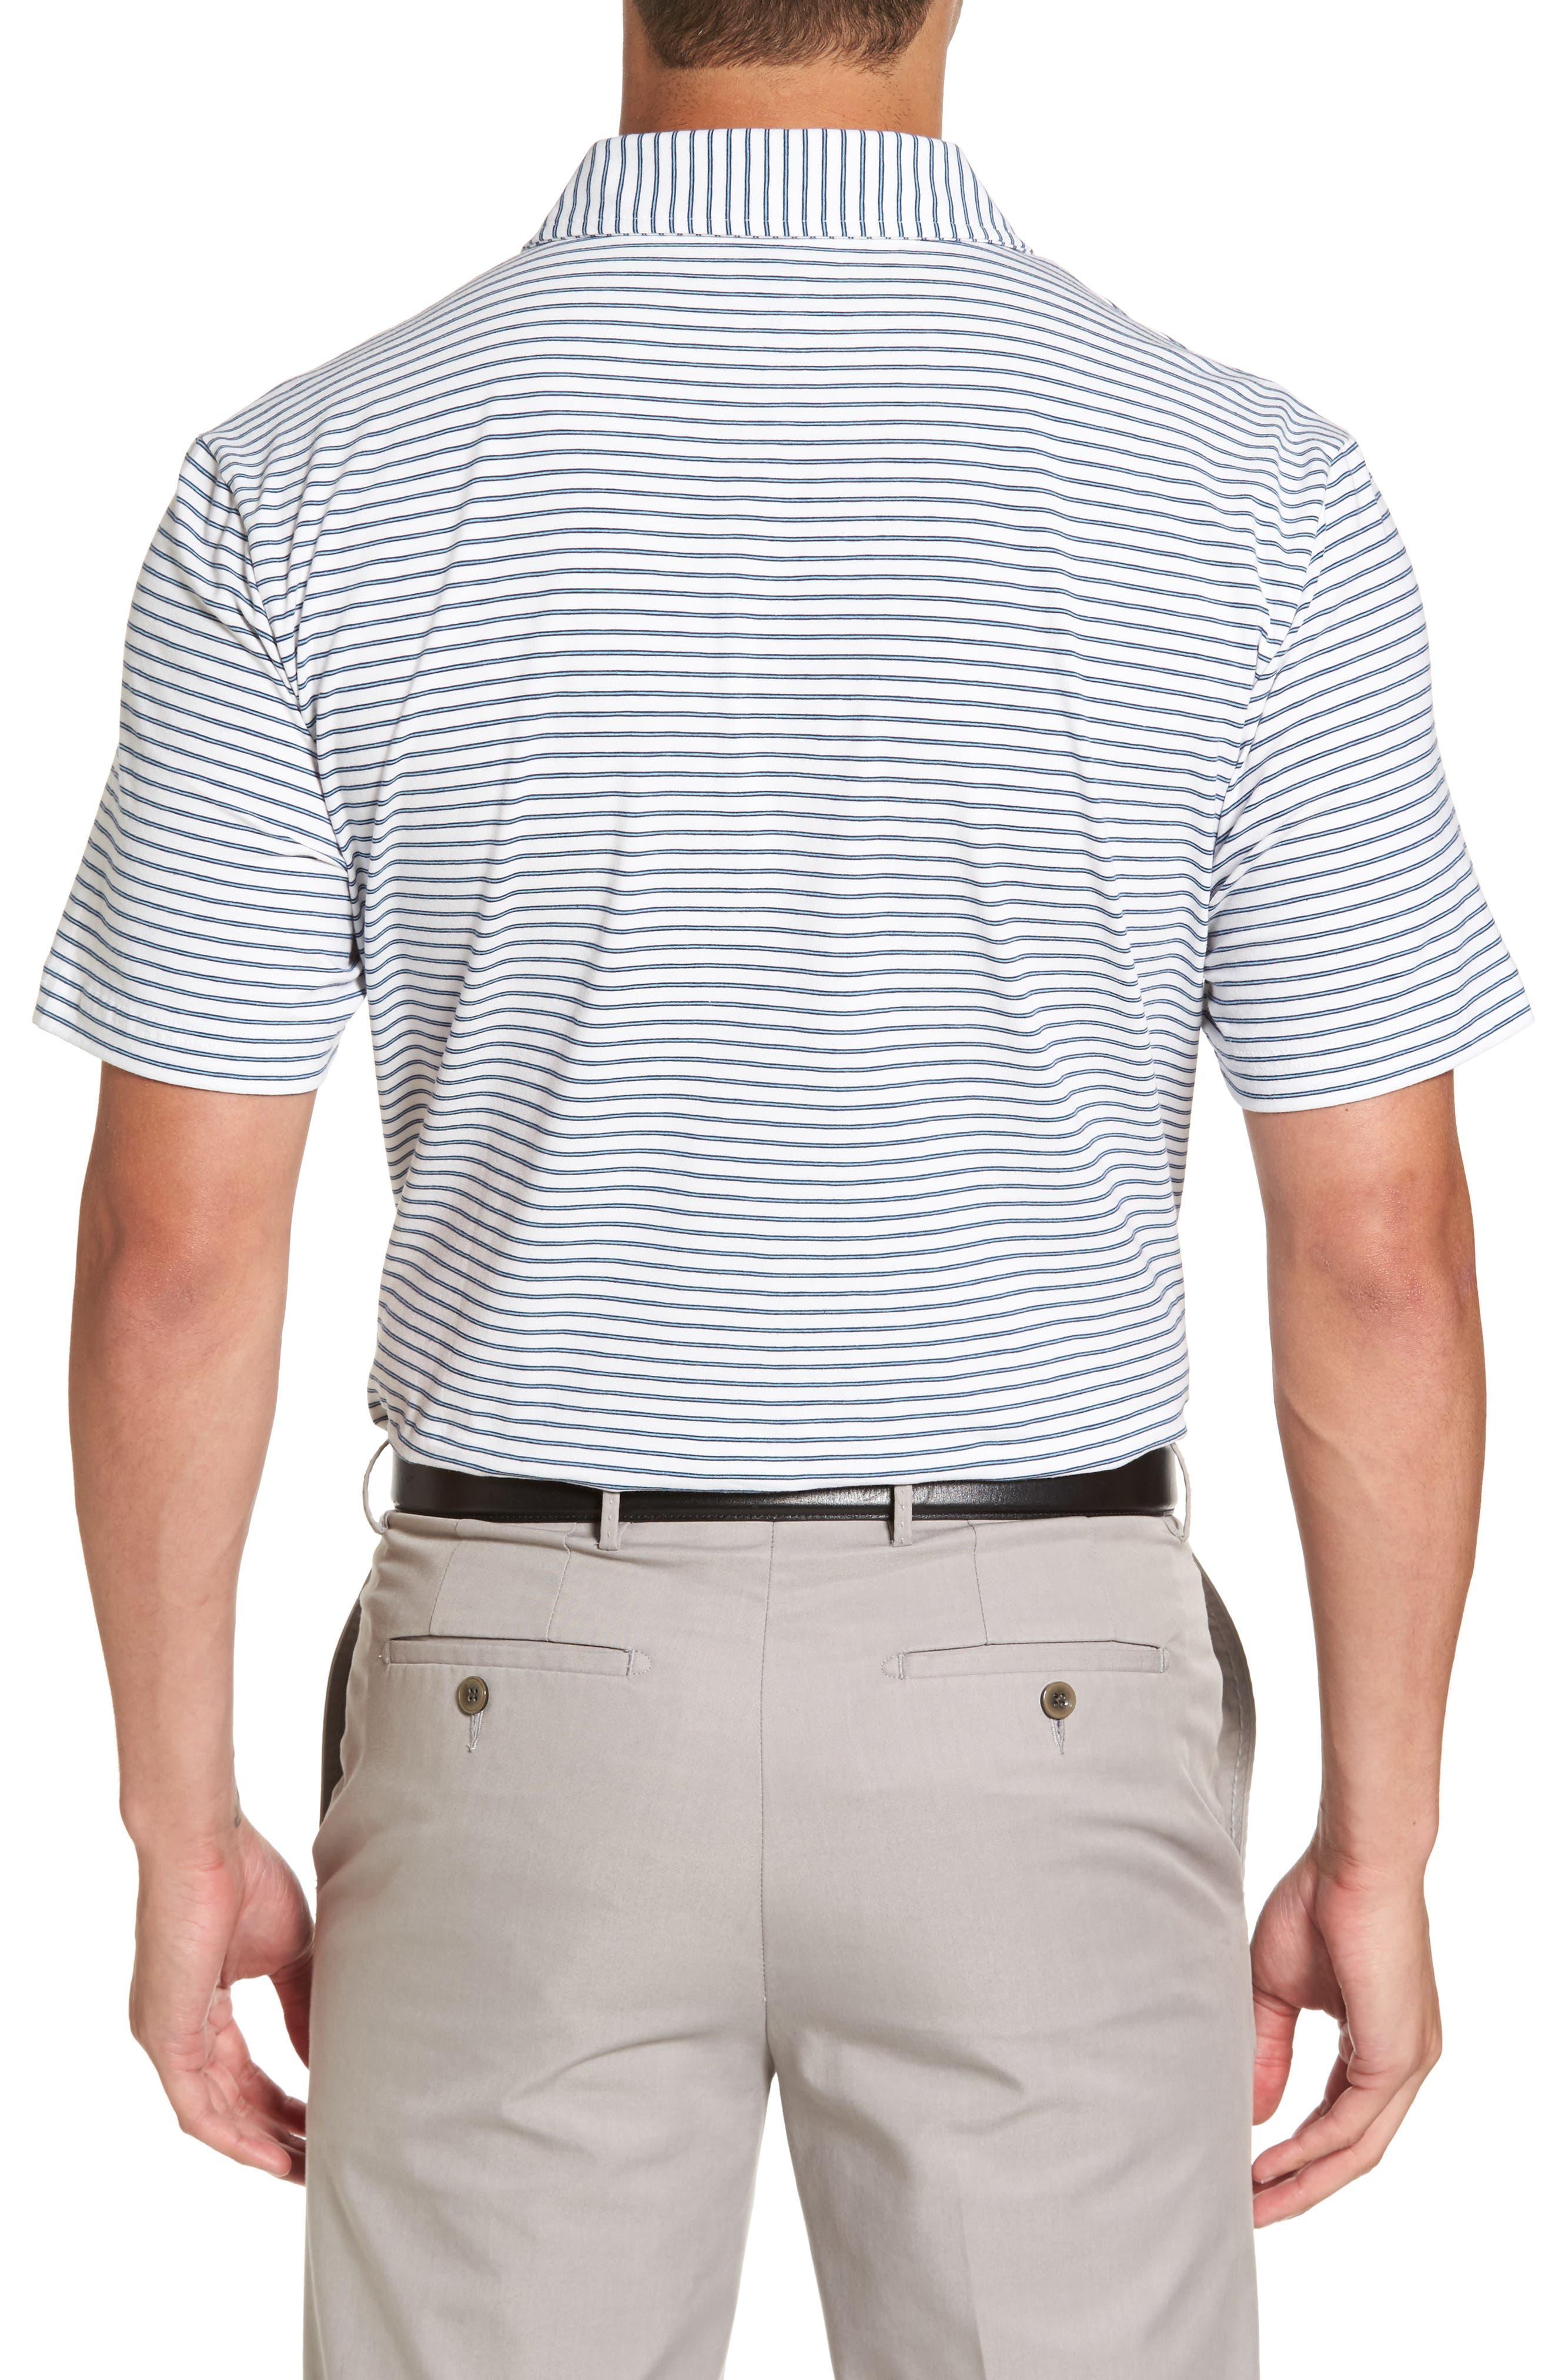 Stratton Mountainside Stripe Jersey Polo,                             Alternate thumbnail 2, color,                             White